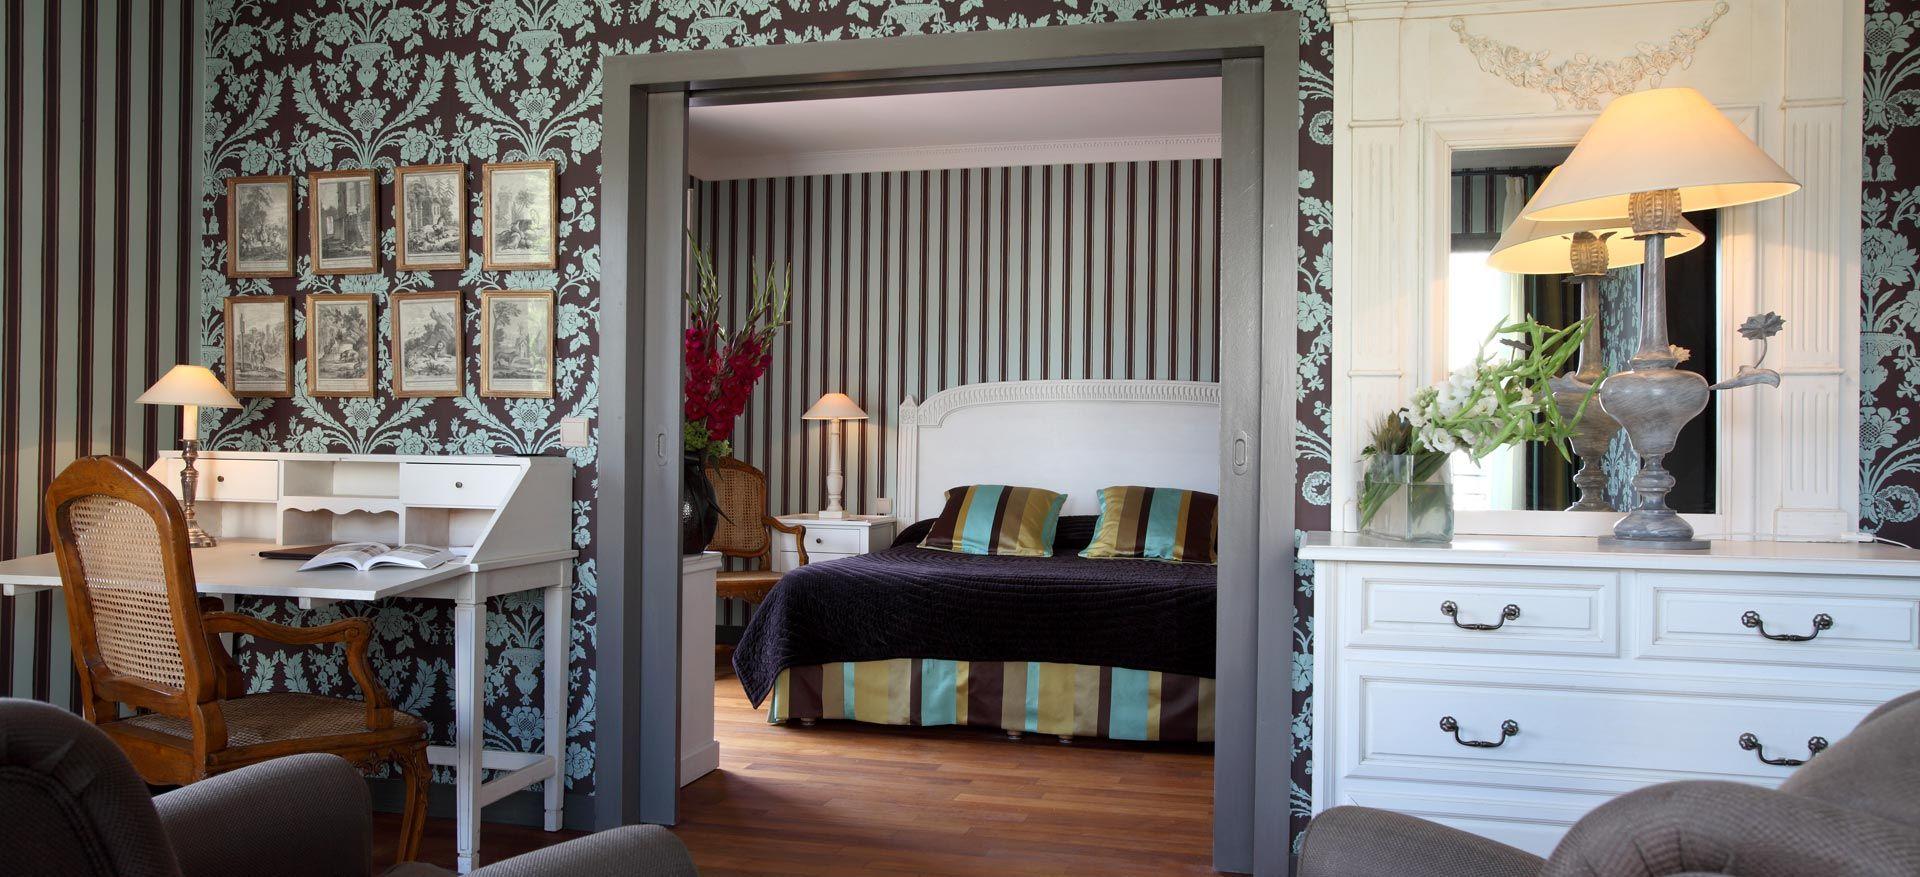 week end cocooning en amoureux ou en famille aux tangs de corot les louves. Black Bedroom Furniture Sets. Home Design Ideas